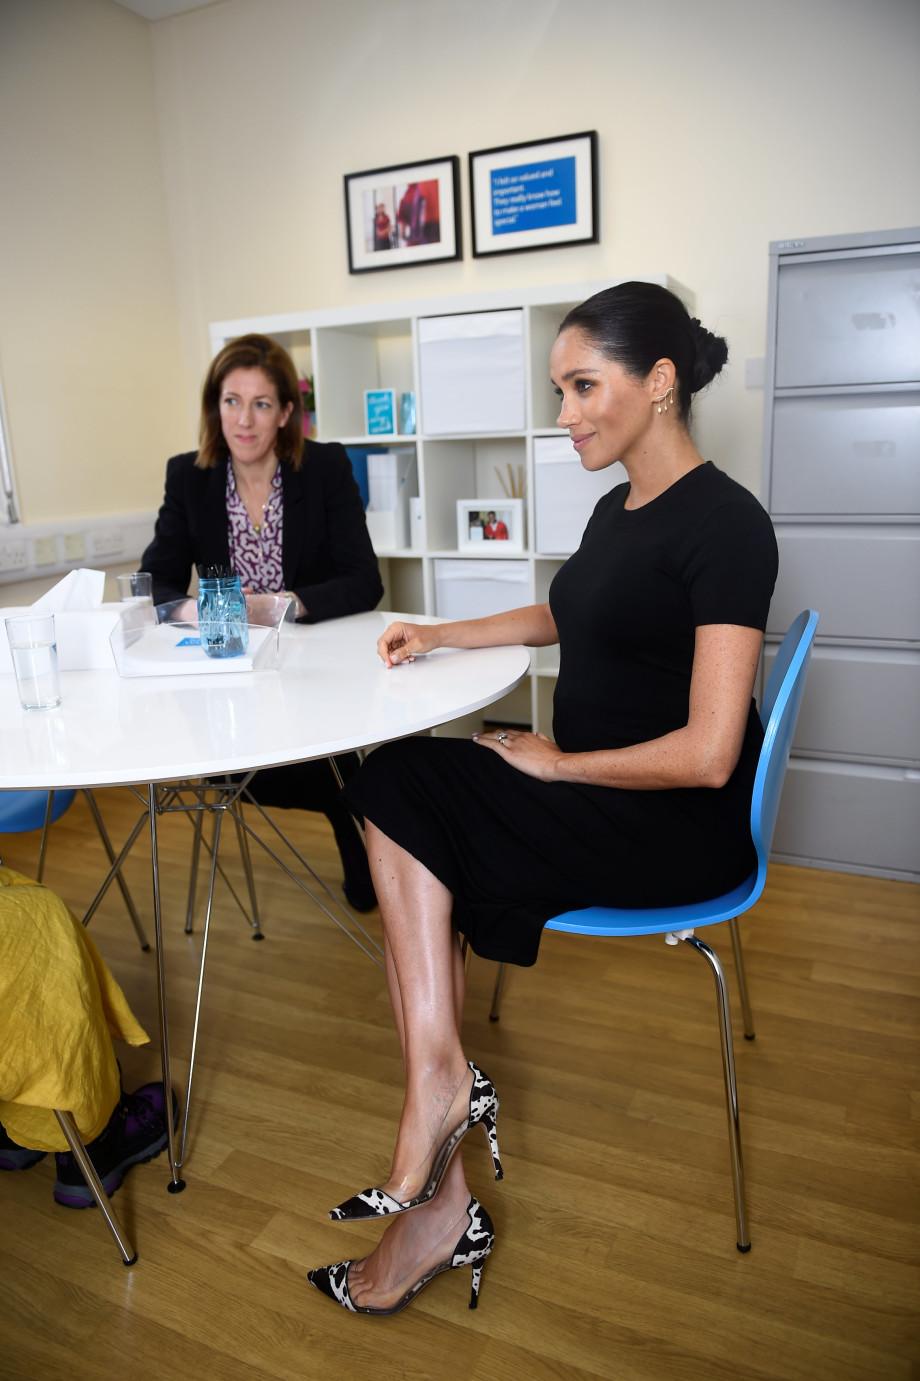 Не по-королевски: Меган Маркл появилась на публике в «коровьих» туфлях